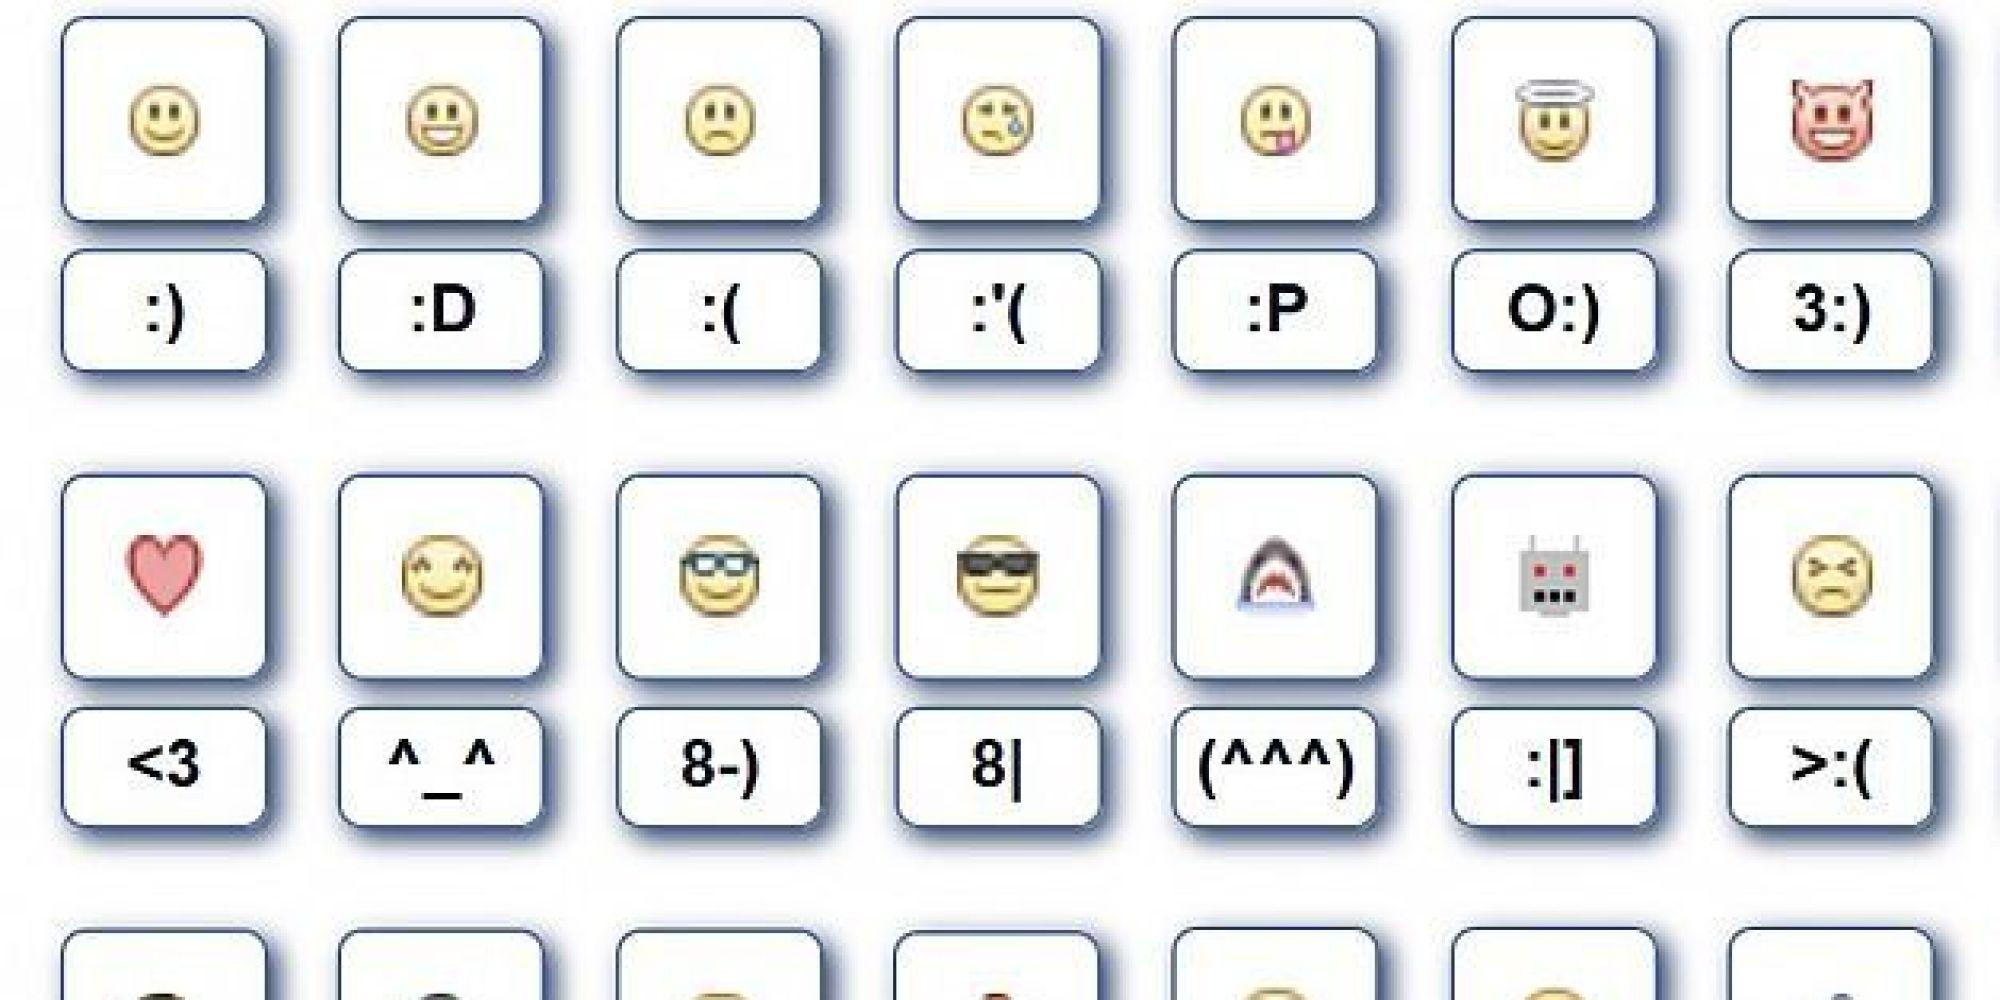 Совет 1: Как делать смайлики на клавиатуре 2